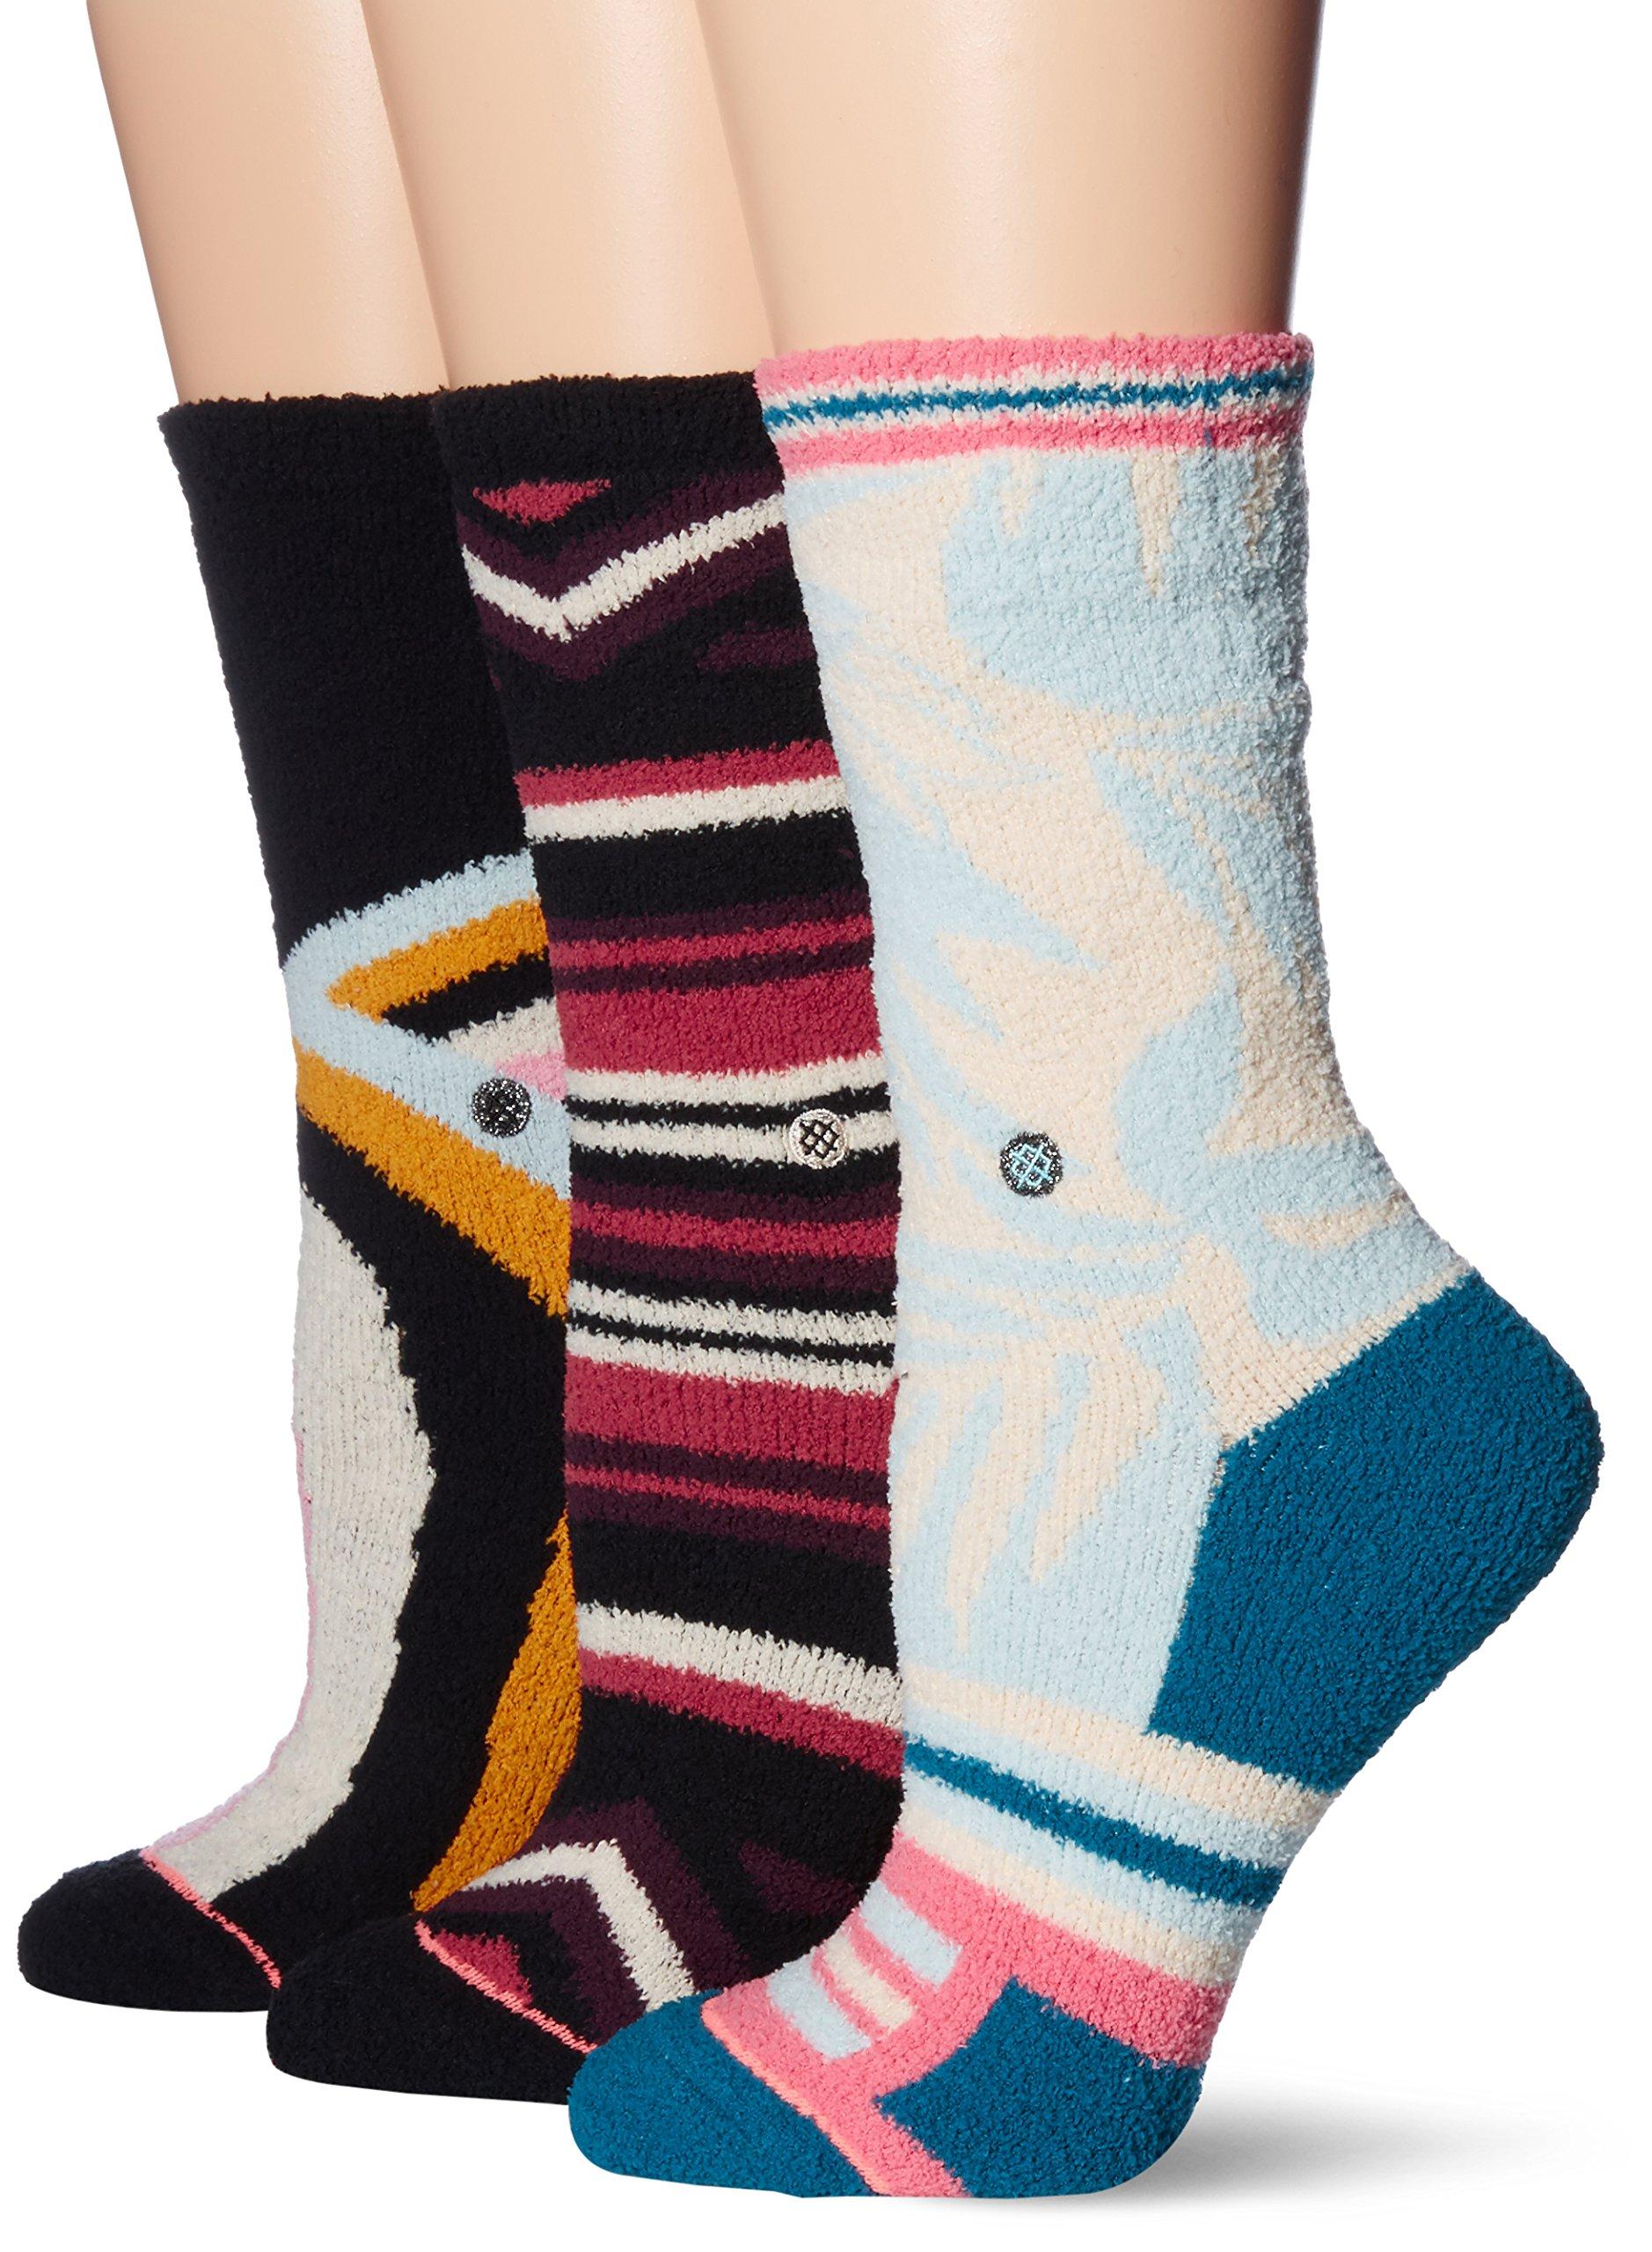 Stance Women's 3 Pack Holiday Socks Gift Box Set, Multi, Medium